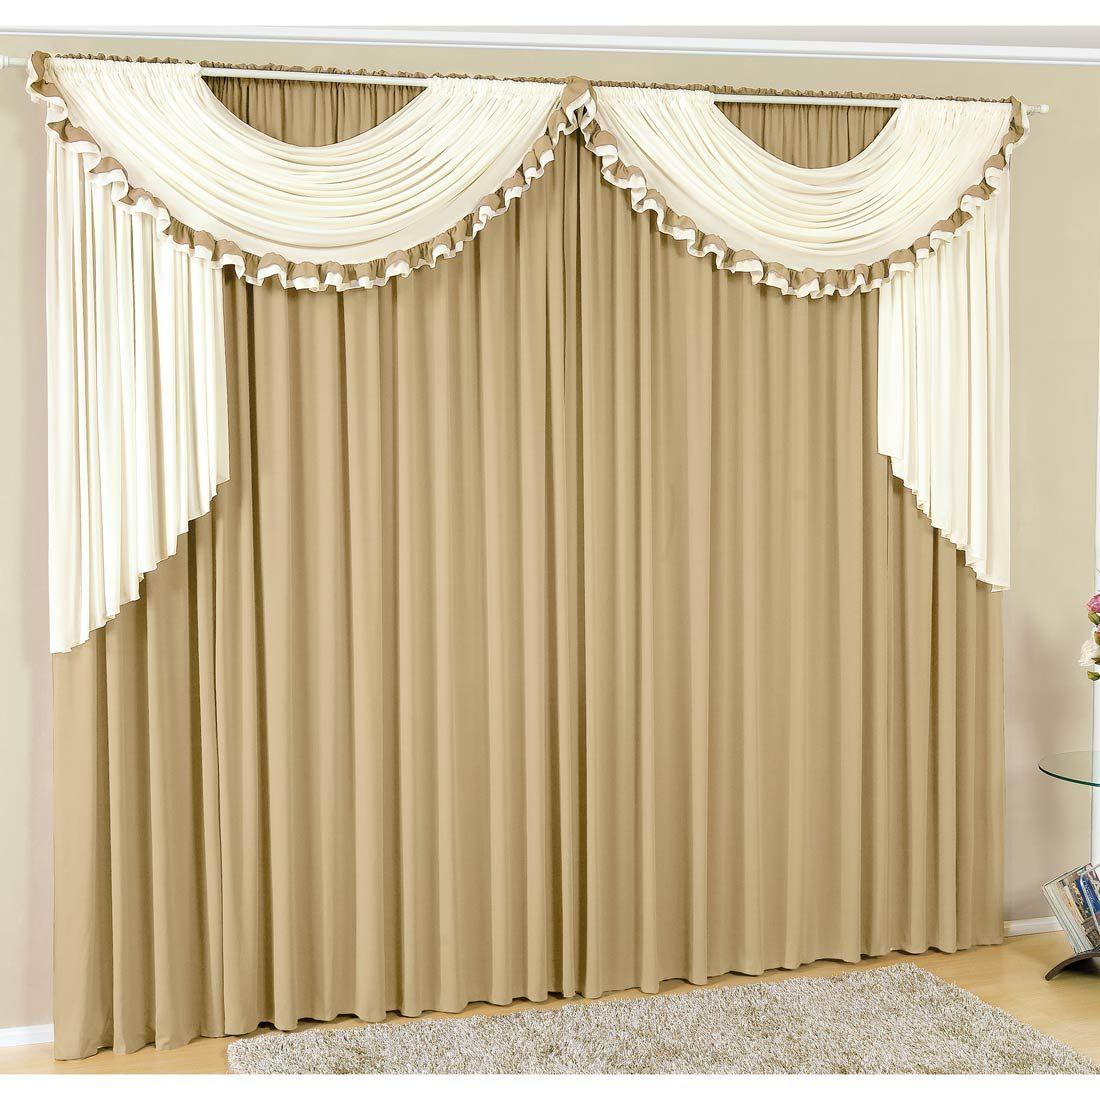 Cortina gisele 2 metros x 1 60 metros alt tecido malha for Anillas con pinza para cortinas